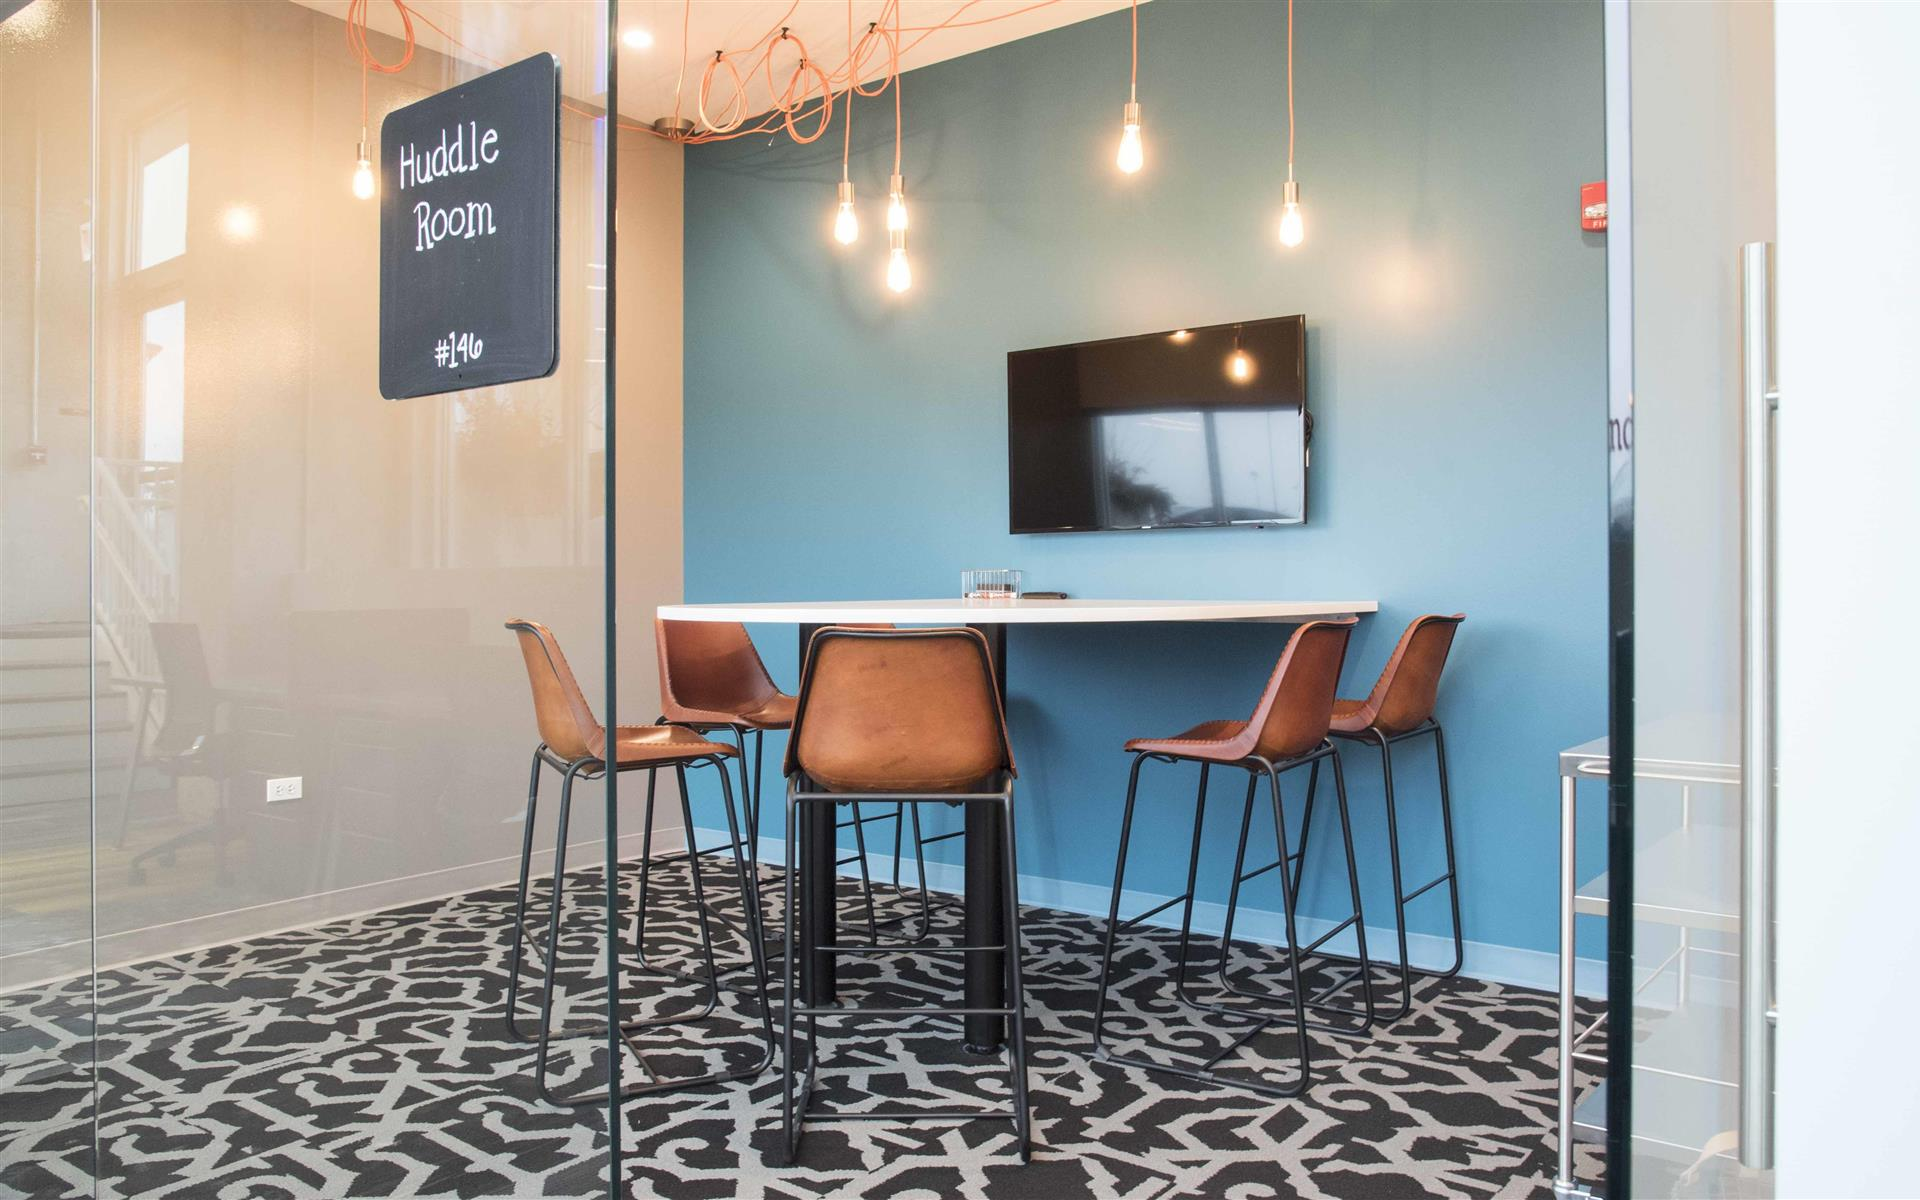 25N Coworking - Arlington Heights - Huddle Room